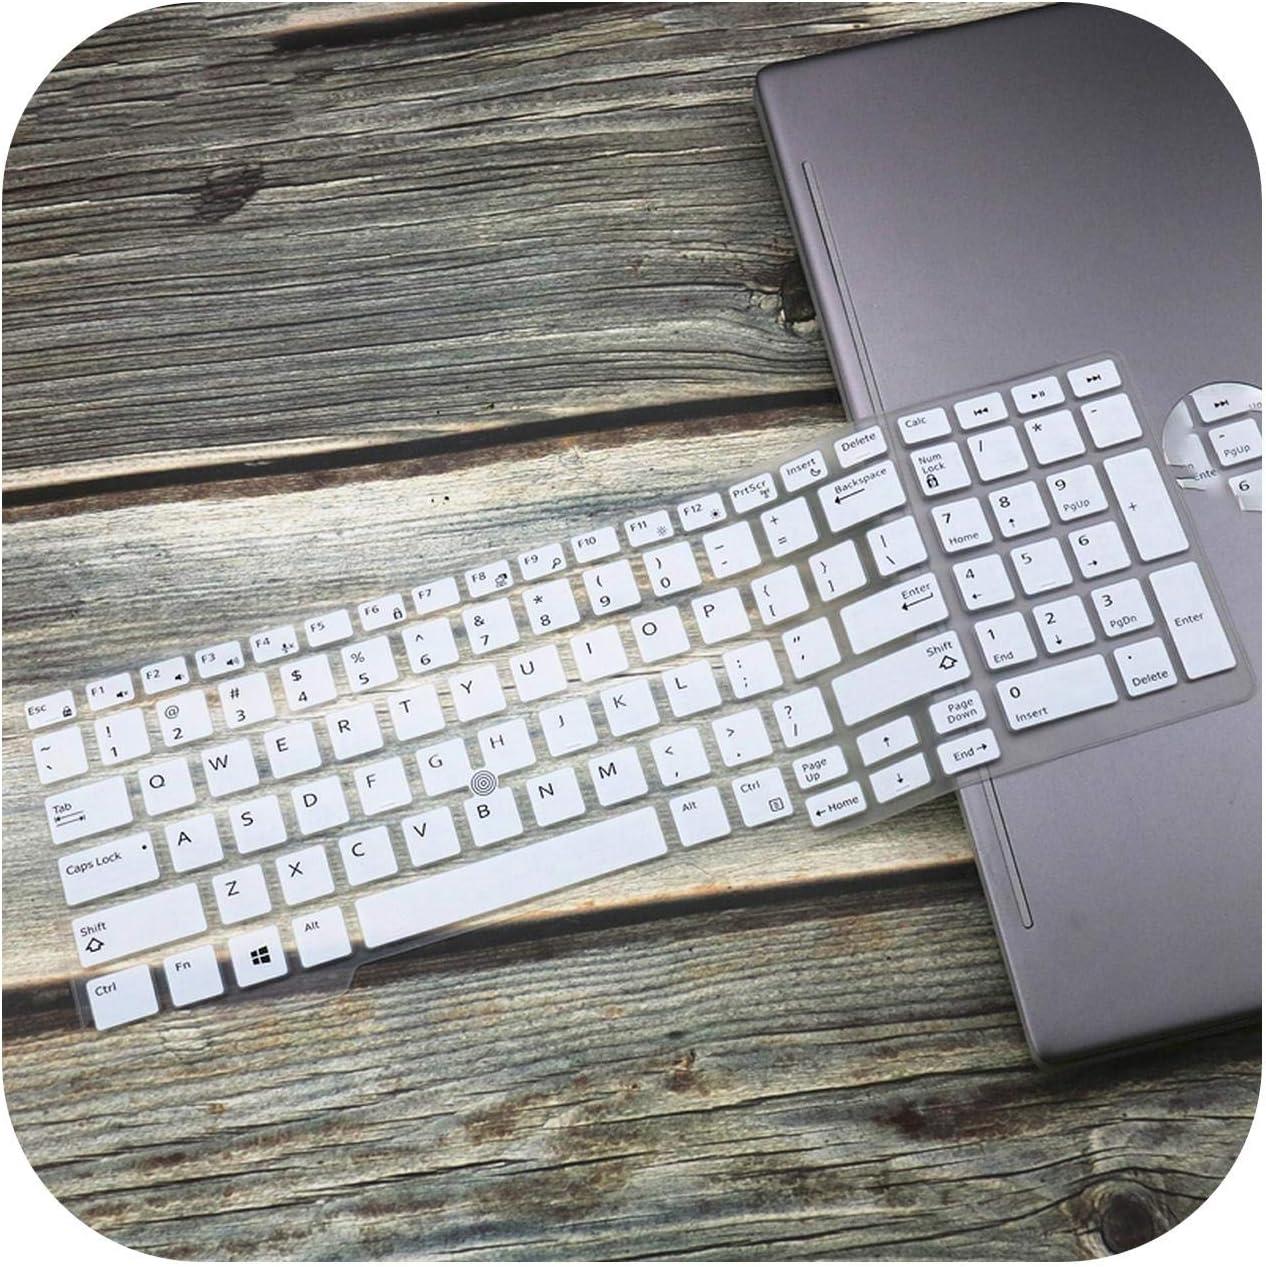 15.6 Inch Silicone Laptop Keyboard Cover Skin for Dell Latitude 5591 5580 E5550 M7510 E5570 M7720 M7520 M5520 M7710 E5580-Blue